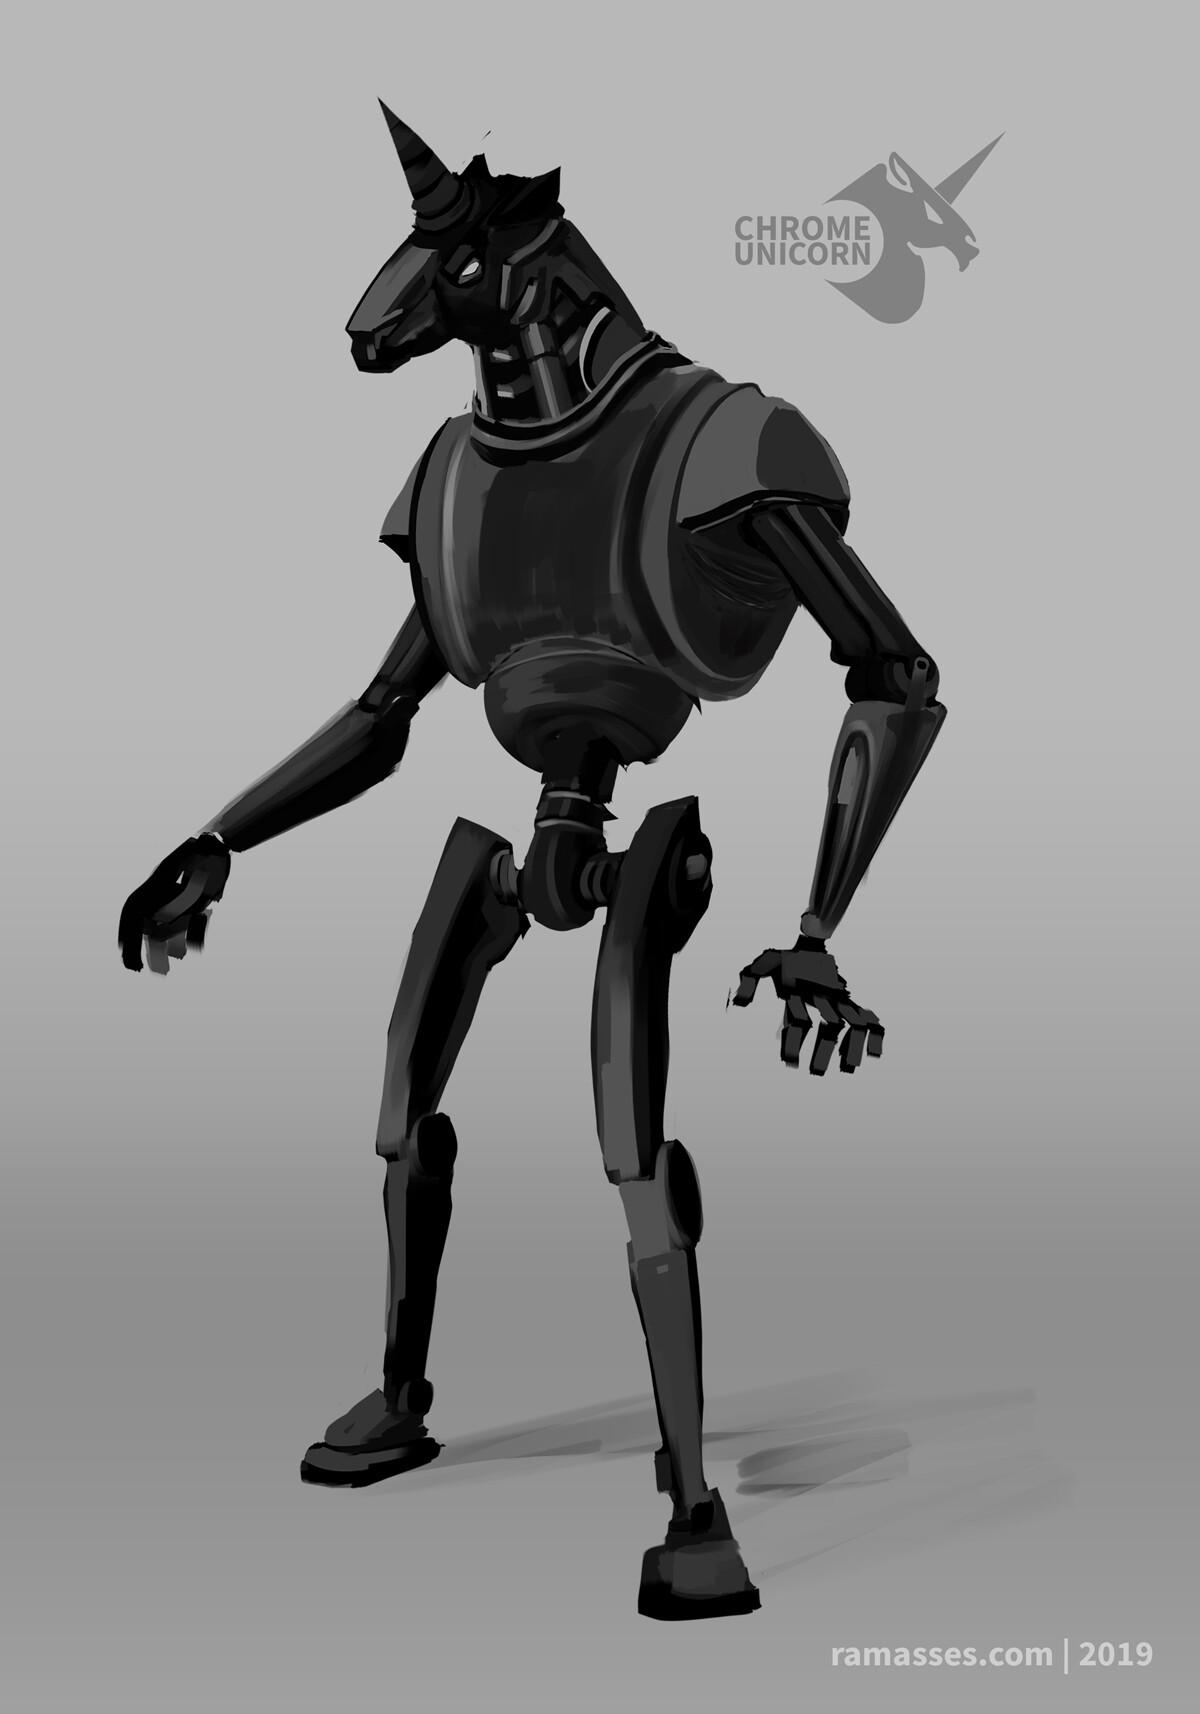 Ramasses romero robotunicorn